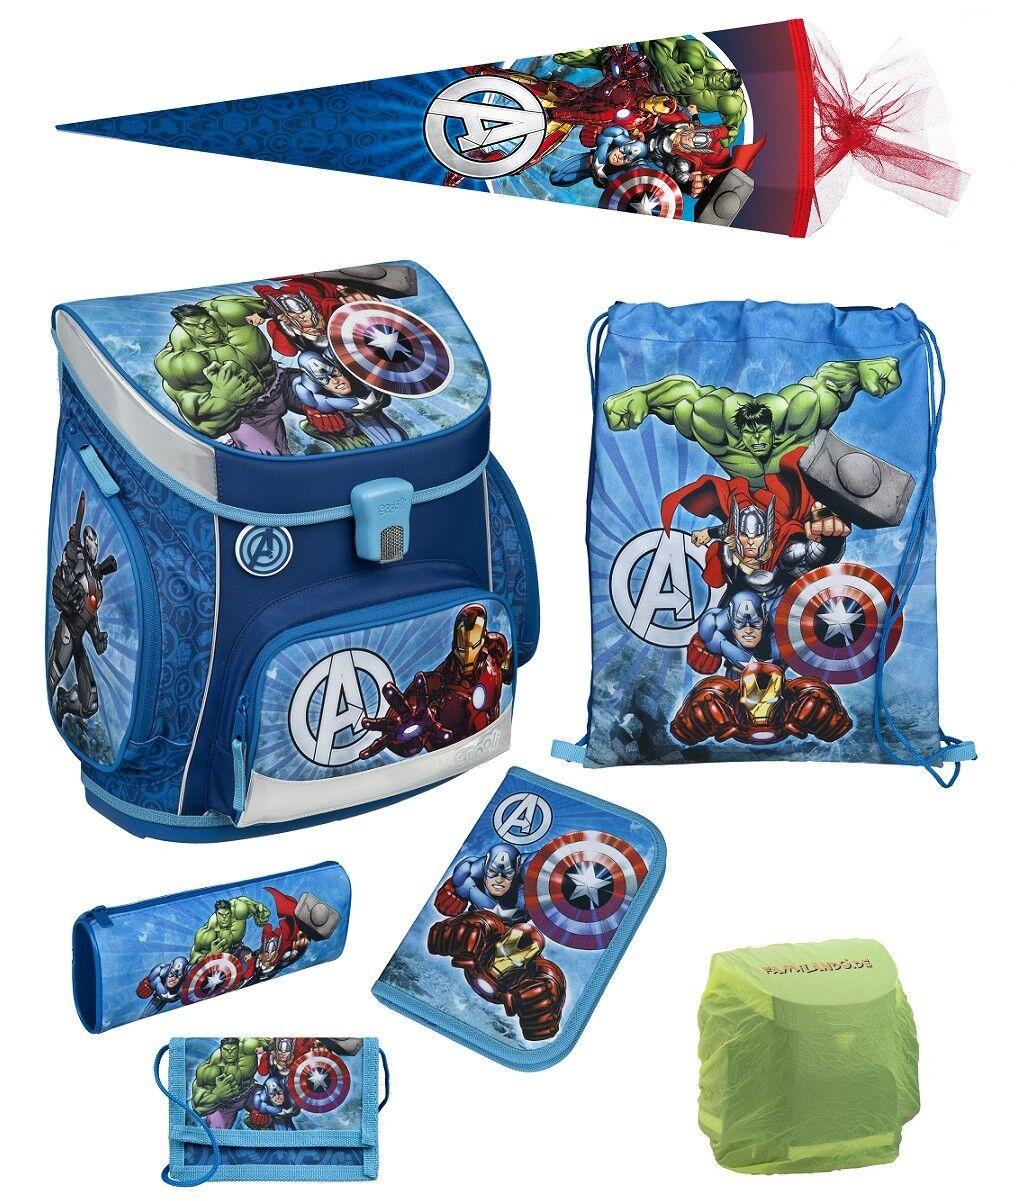 Avengers Schulranzen Set 7tlg. Scooli Schultüte blau Marvel Helden HULK THOR | Garantiere Qualität und Quantität  | Stilvoll und lustig  | Perfekte Verarbeitung